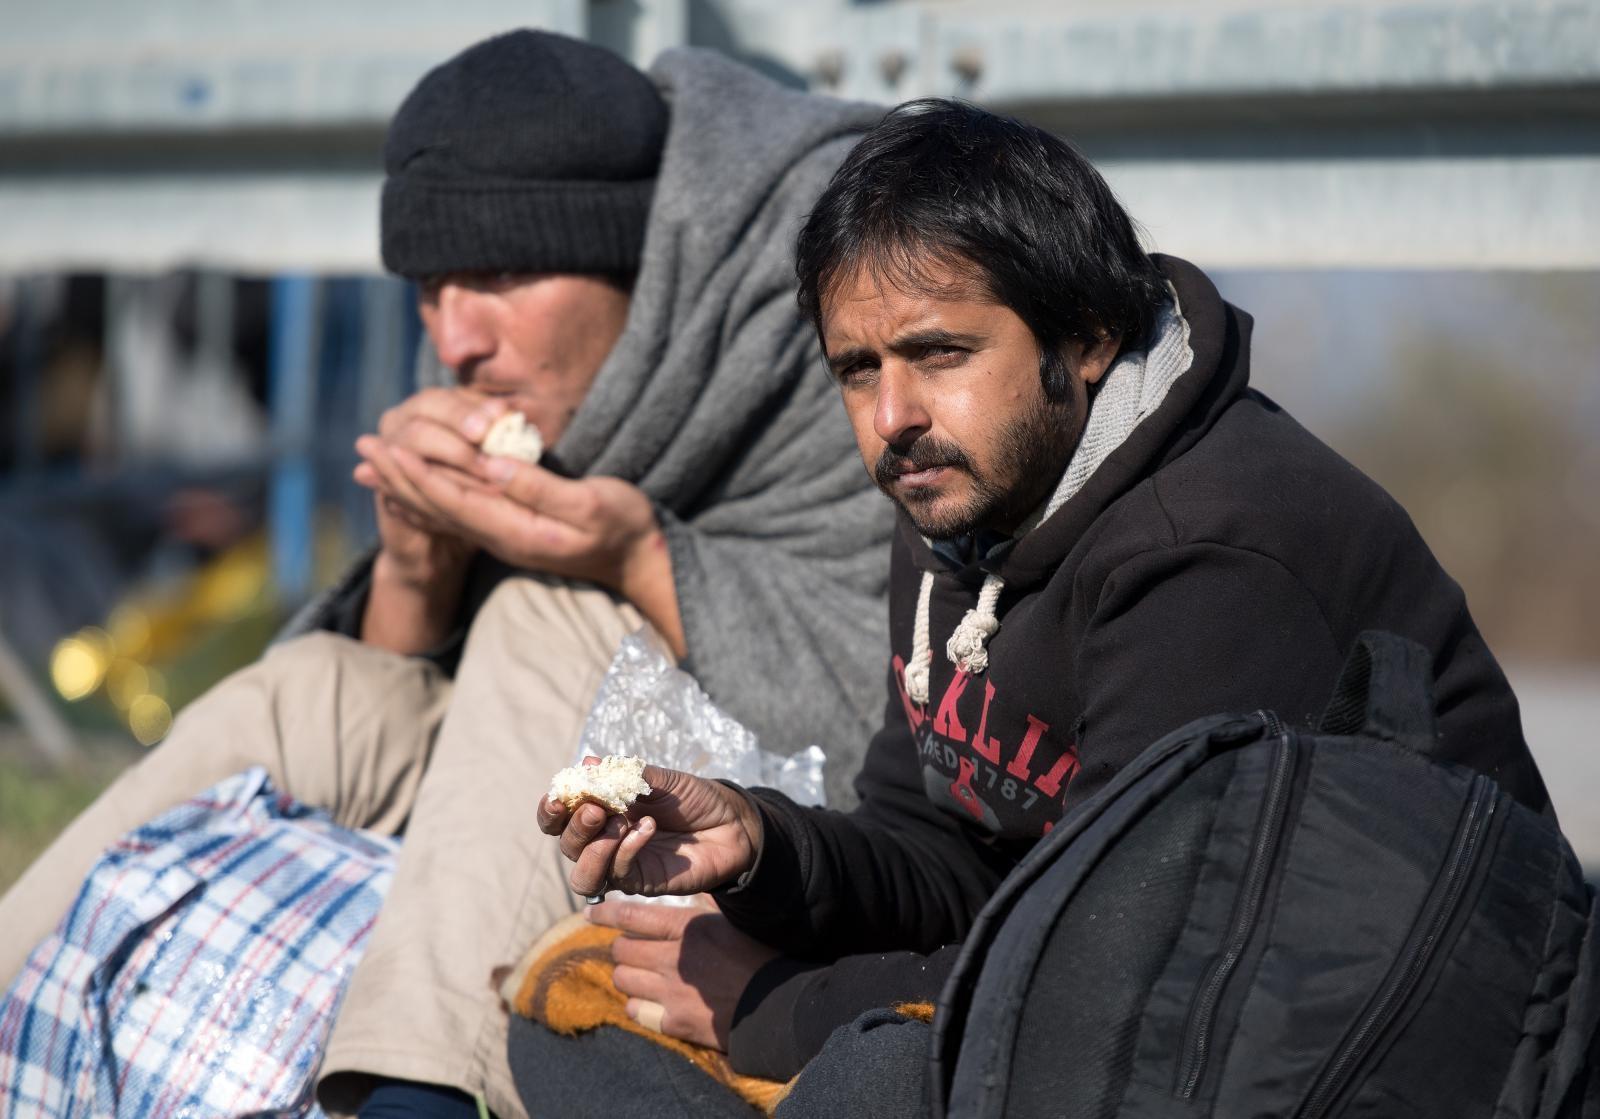 Migranti - Srbija Vir: Pixell